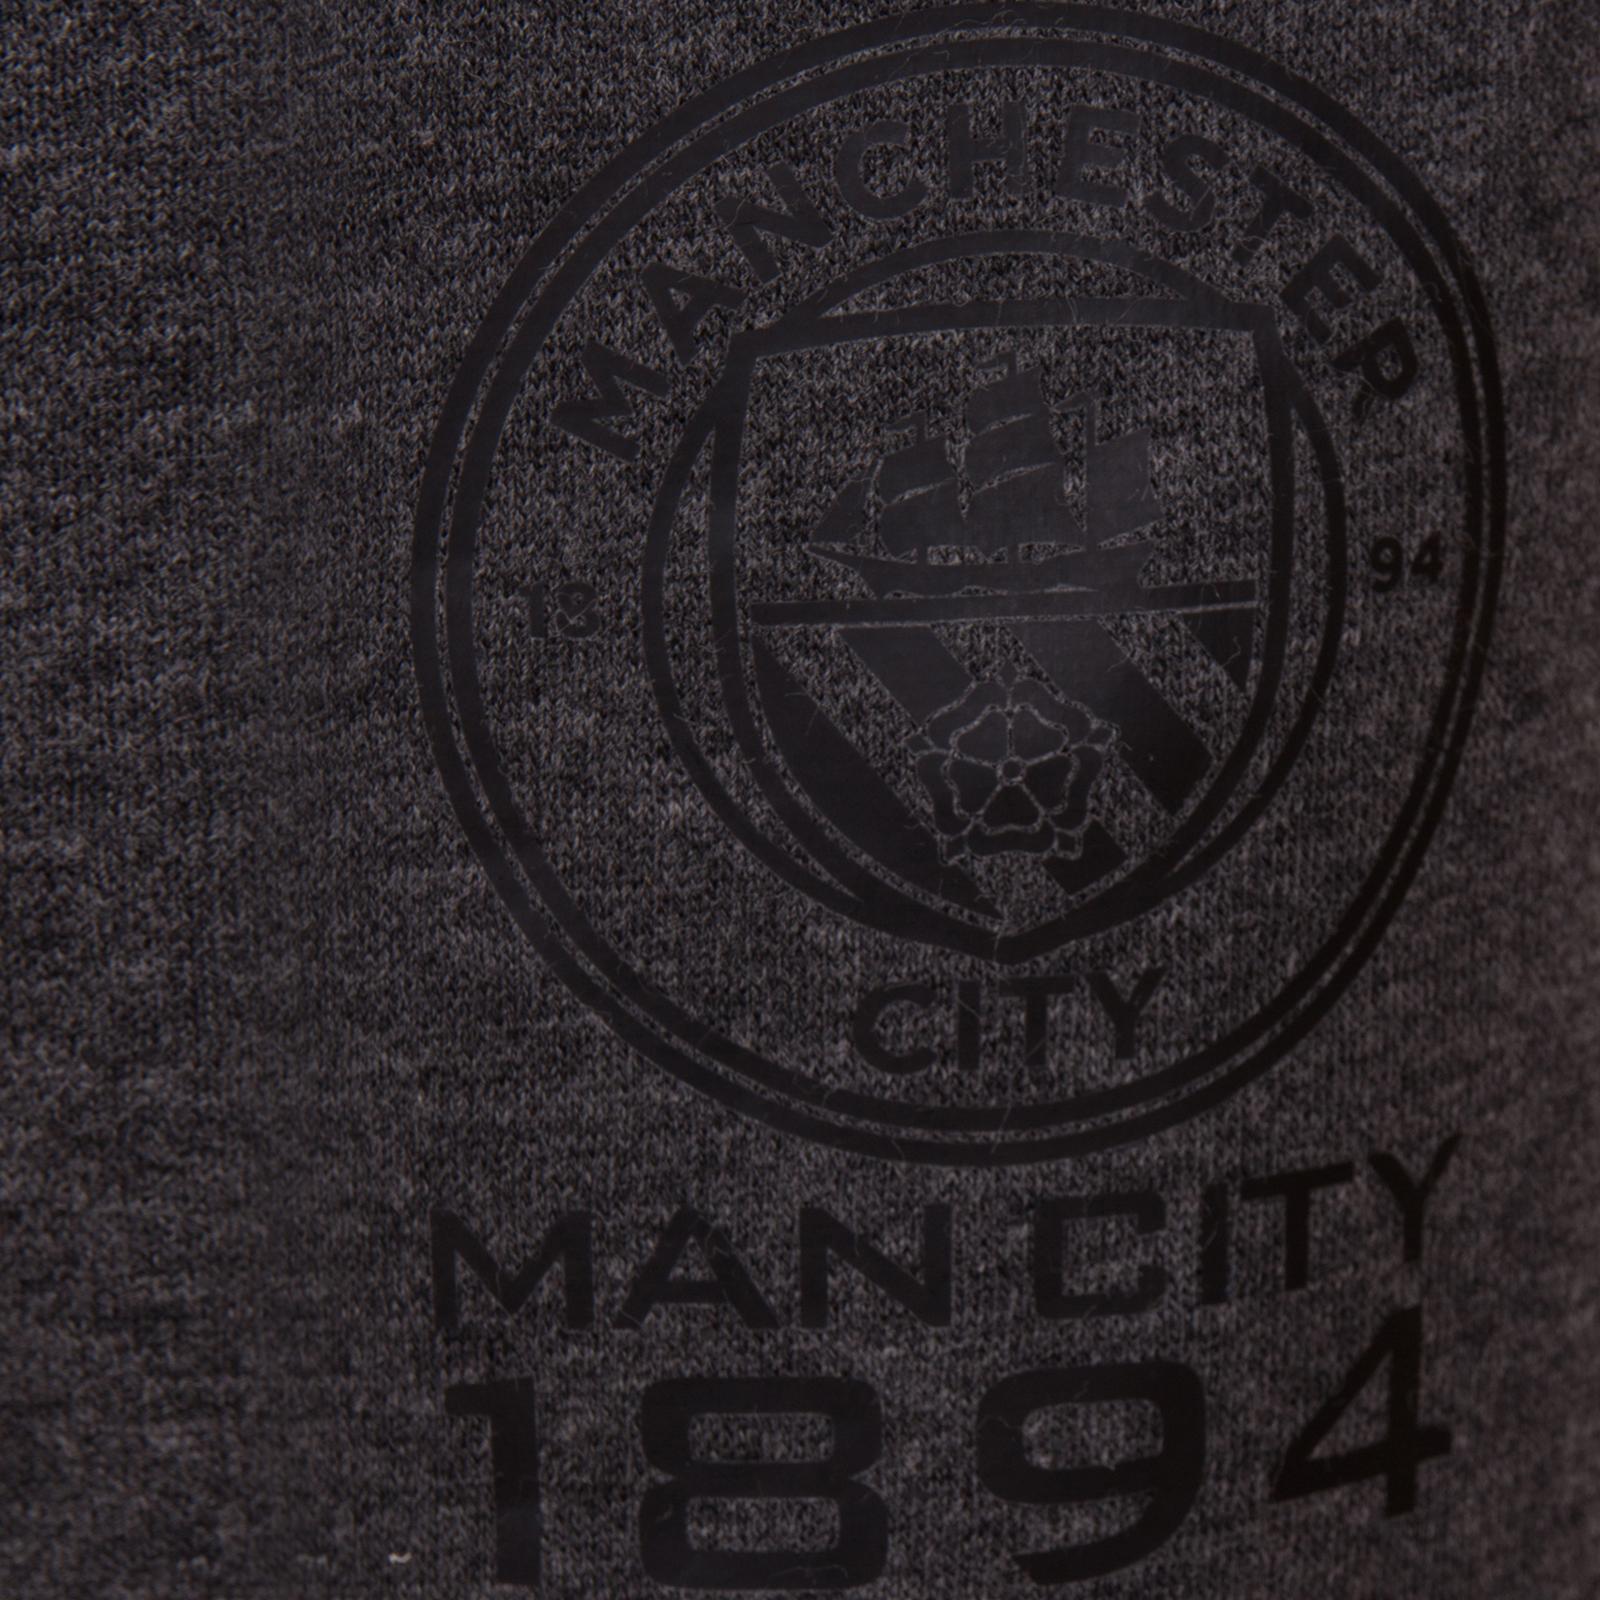 Détails sur Manchester City FC officiel Pull zippé à capuche polaire garçon